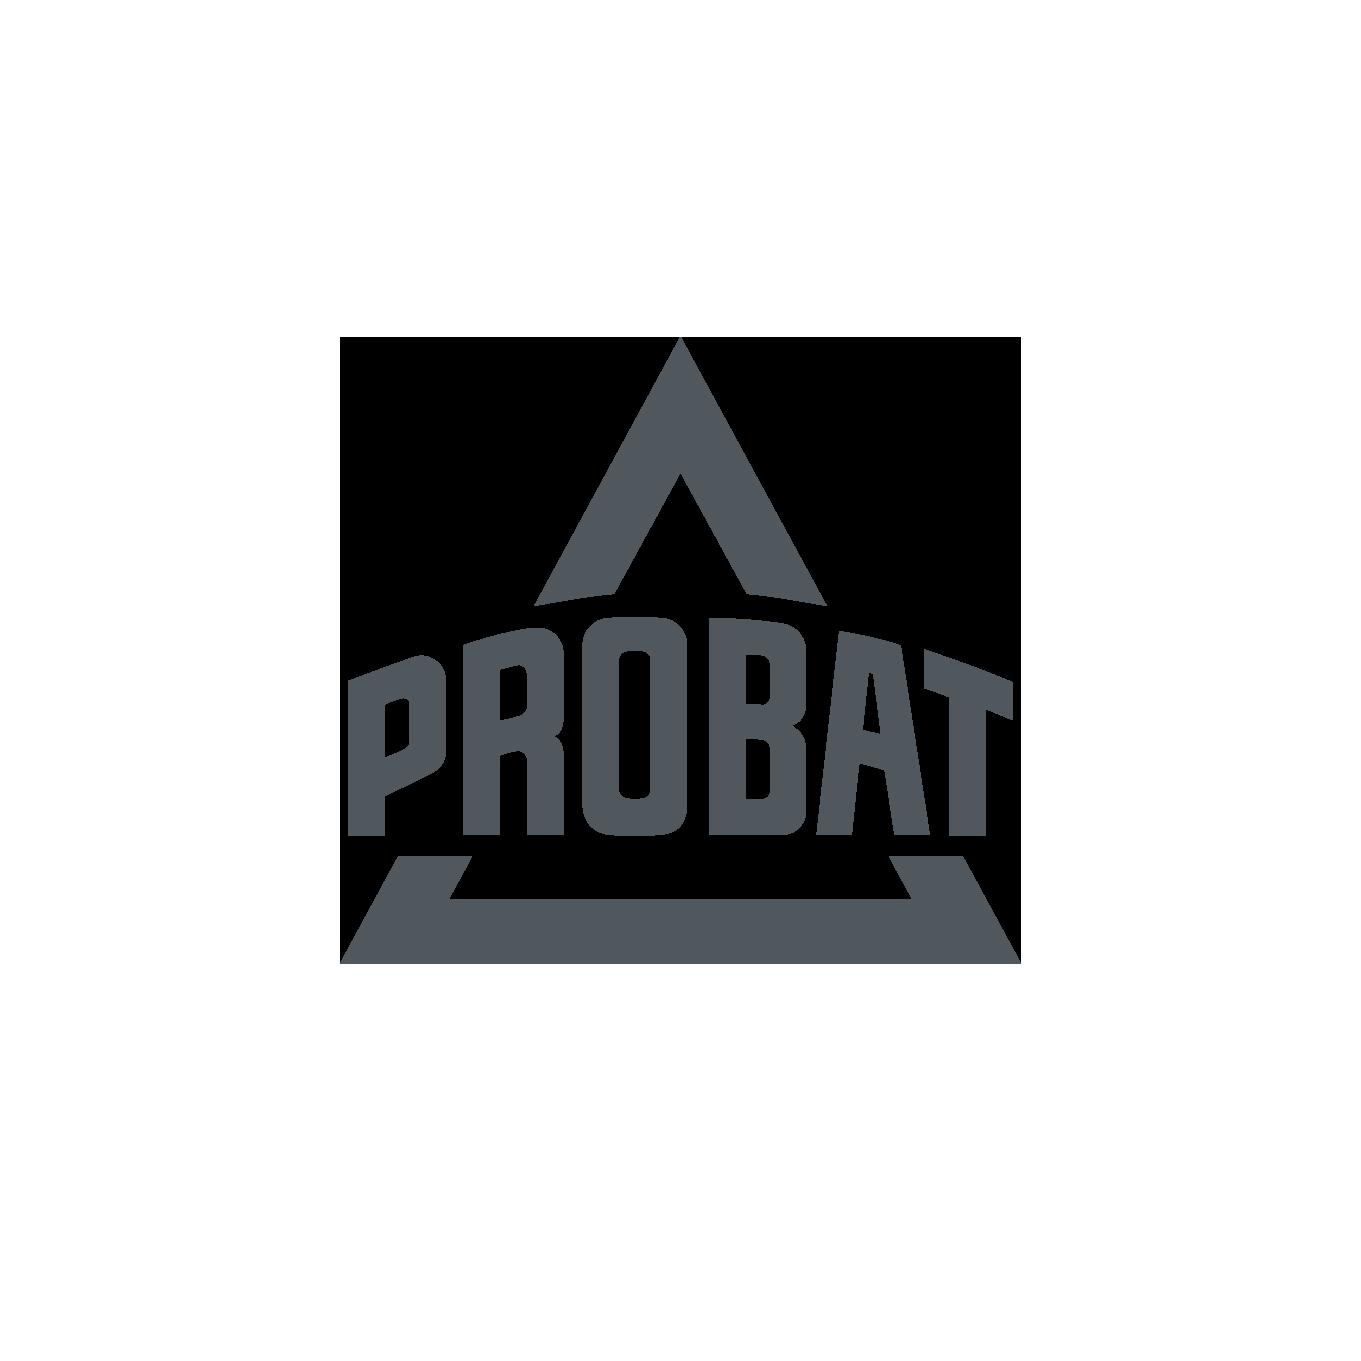 PROBAT_Signet_Vollton.png